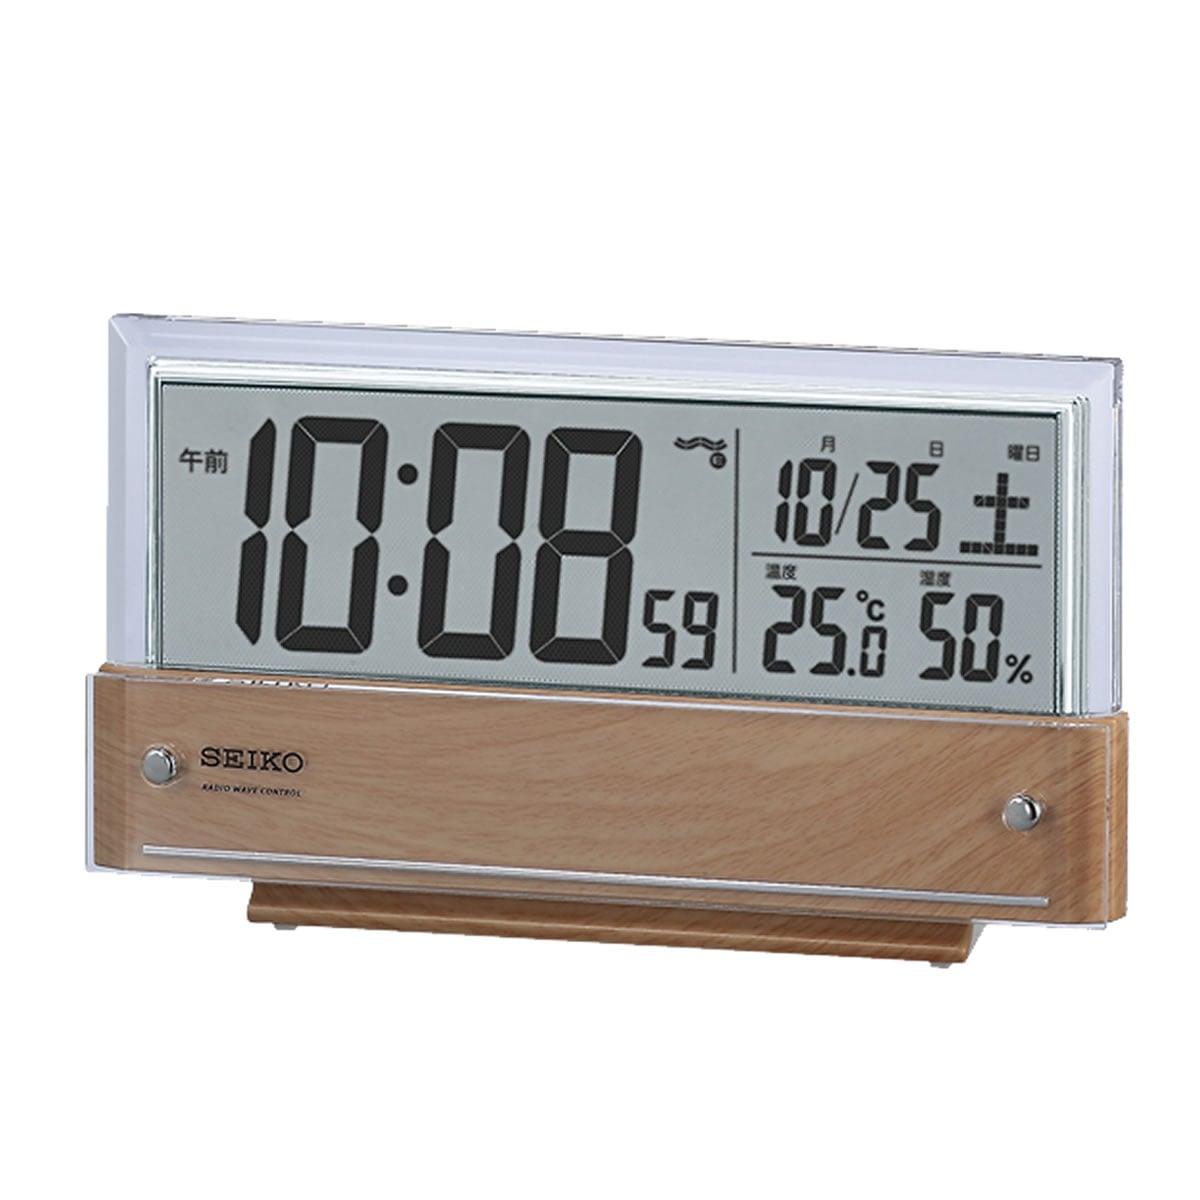 SEIKO(セイコー)温度・湿度表示付 デジタル 電波目覚まし時計 SQ782B